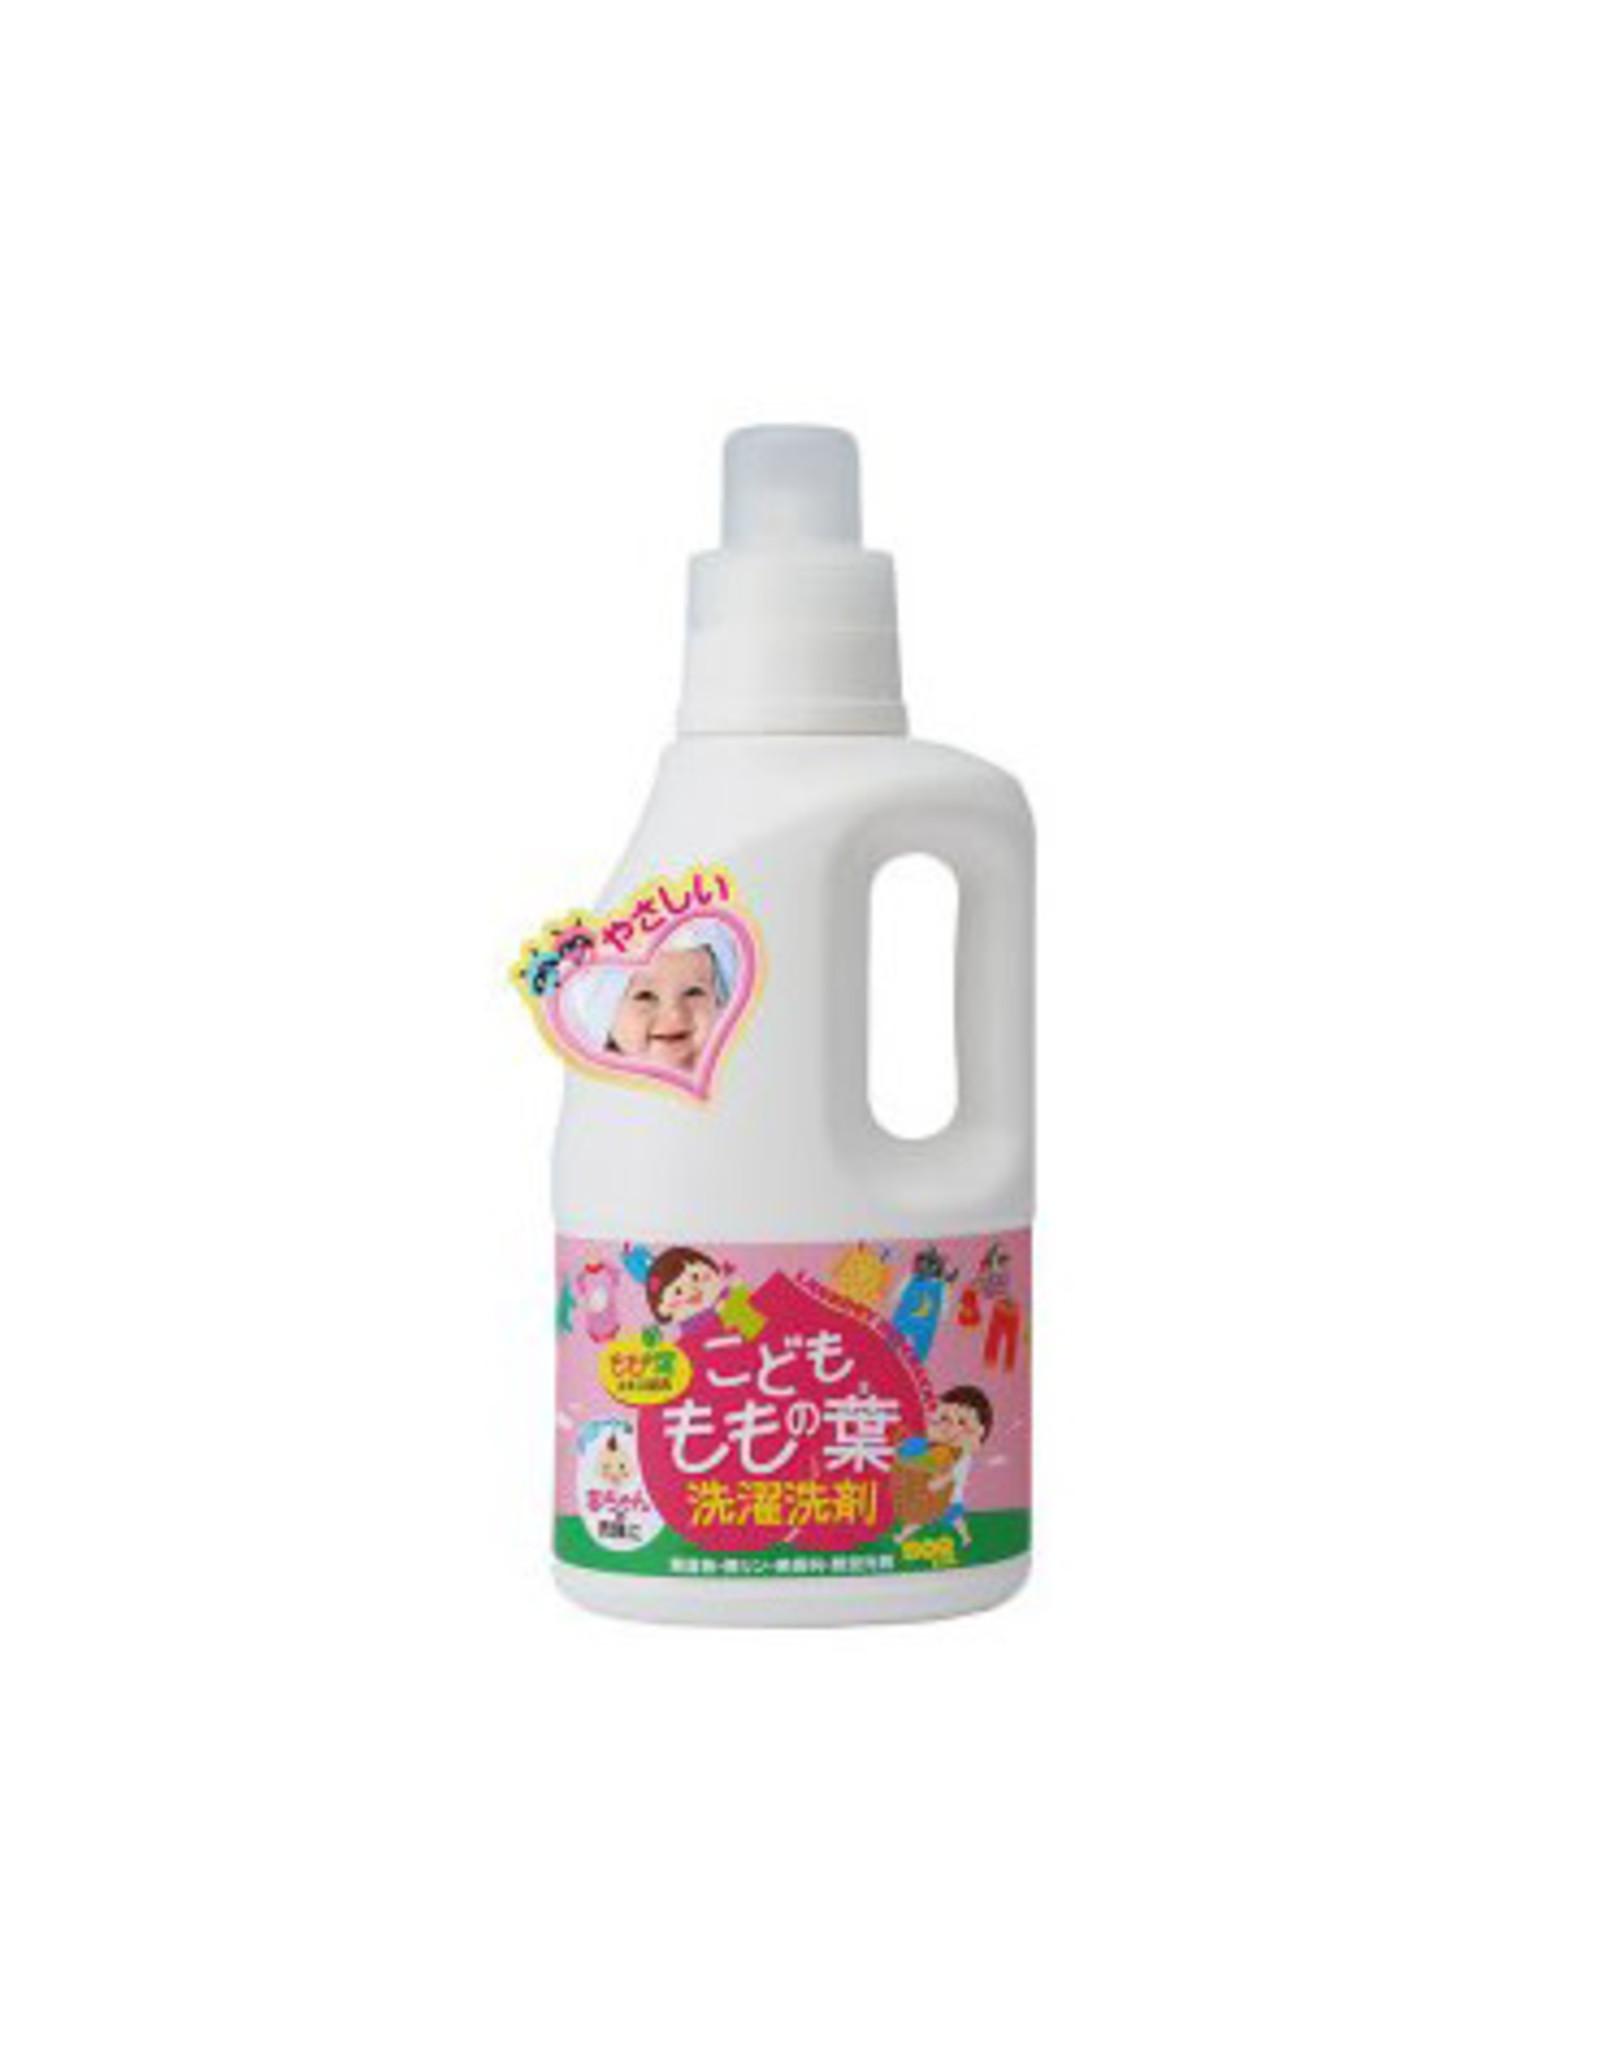 Unimat Unimat Riken Kids Peach Leaves Laundry Detergent